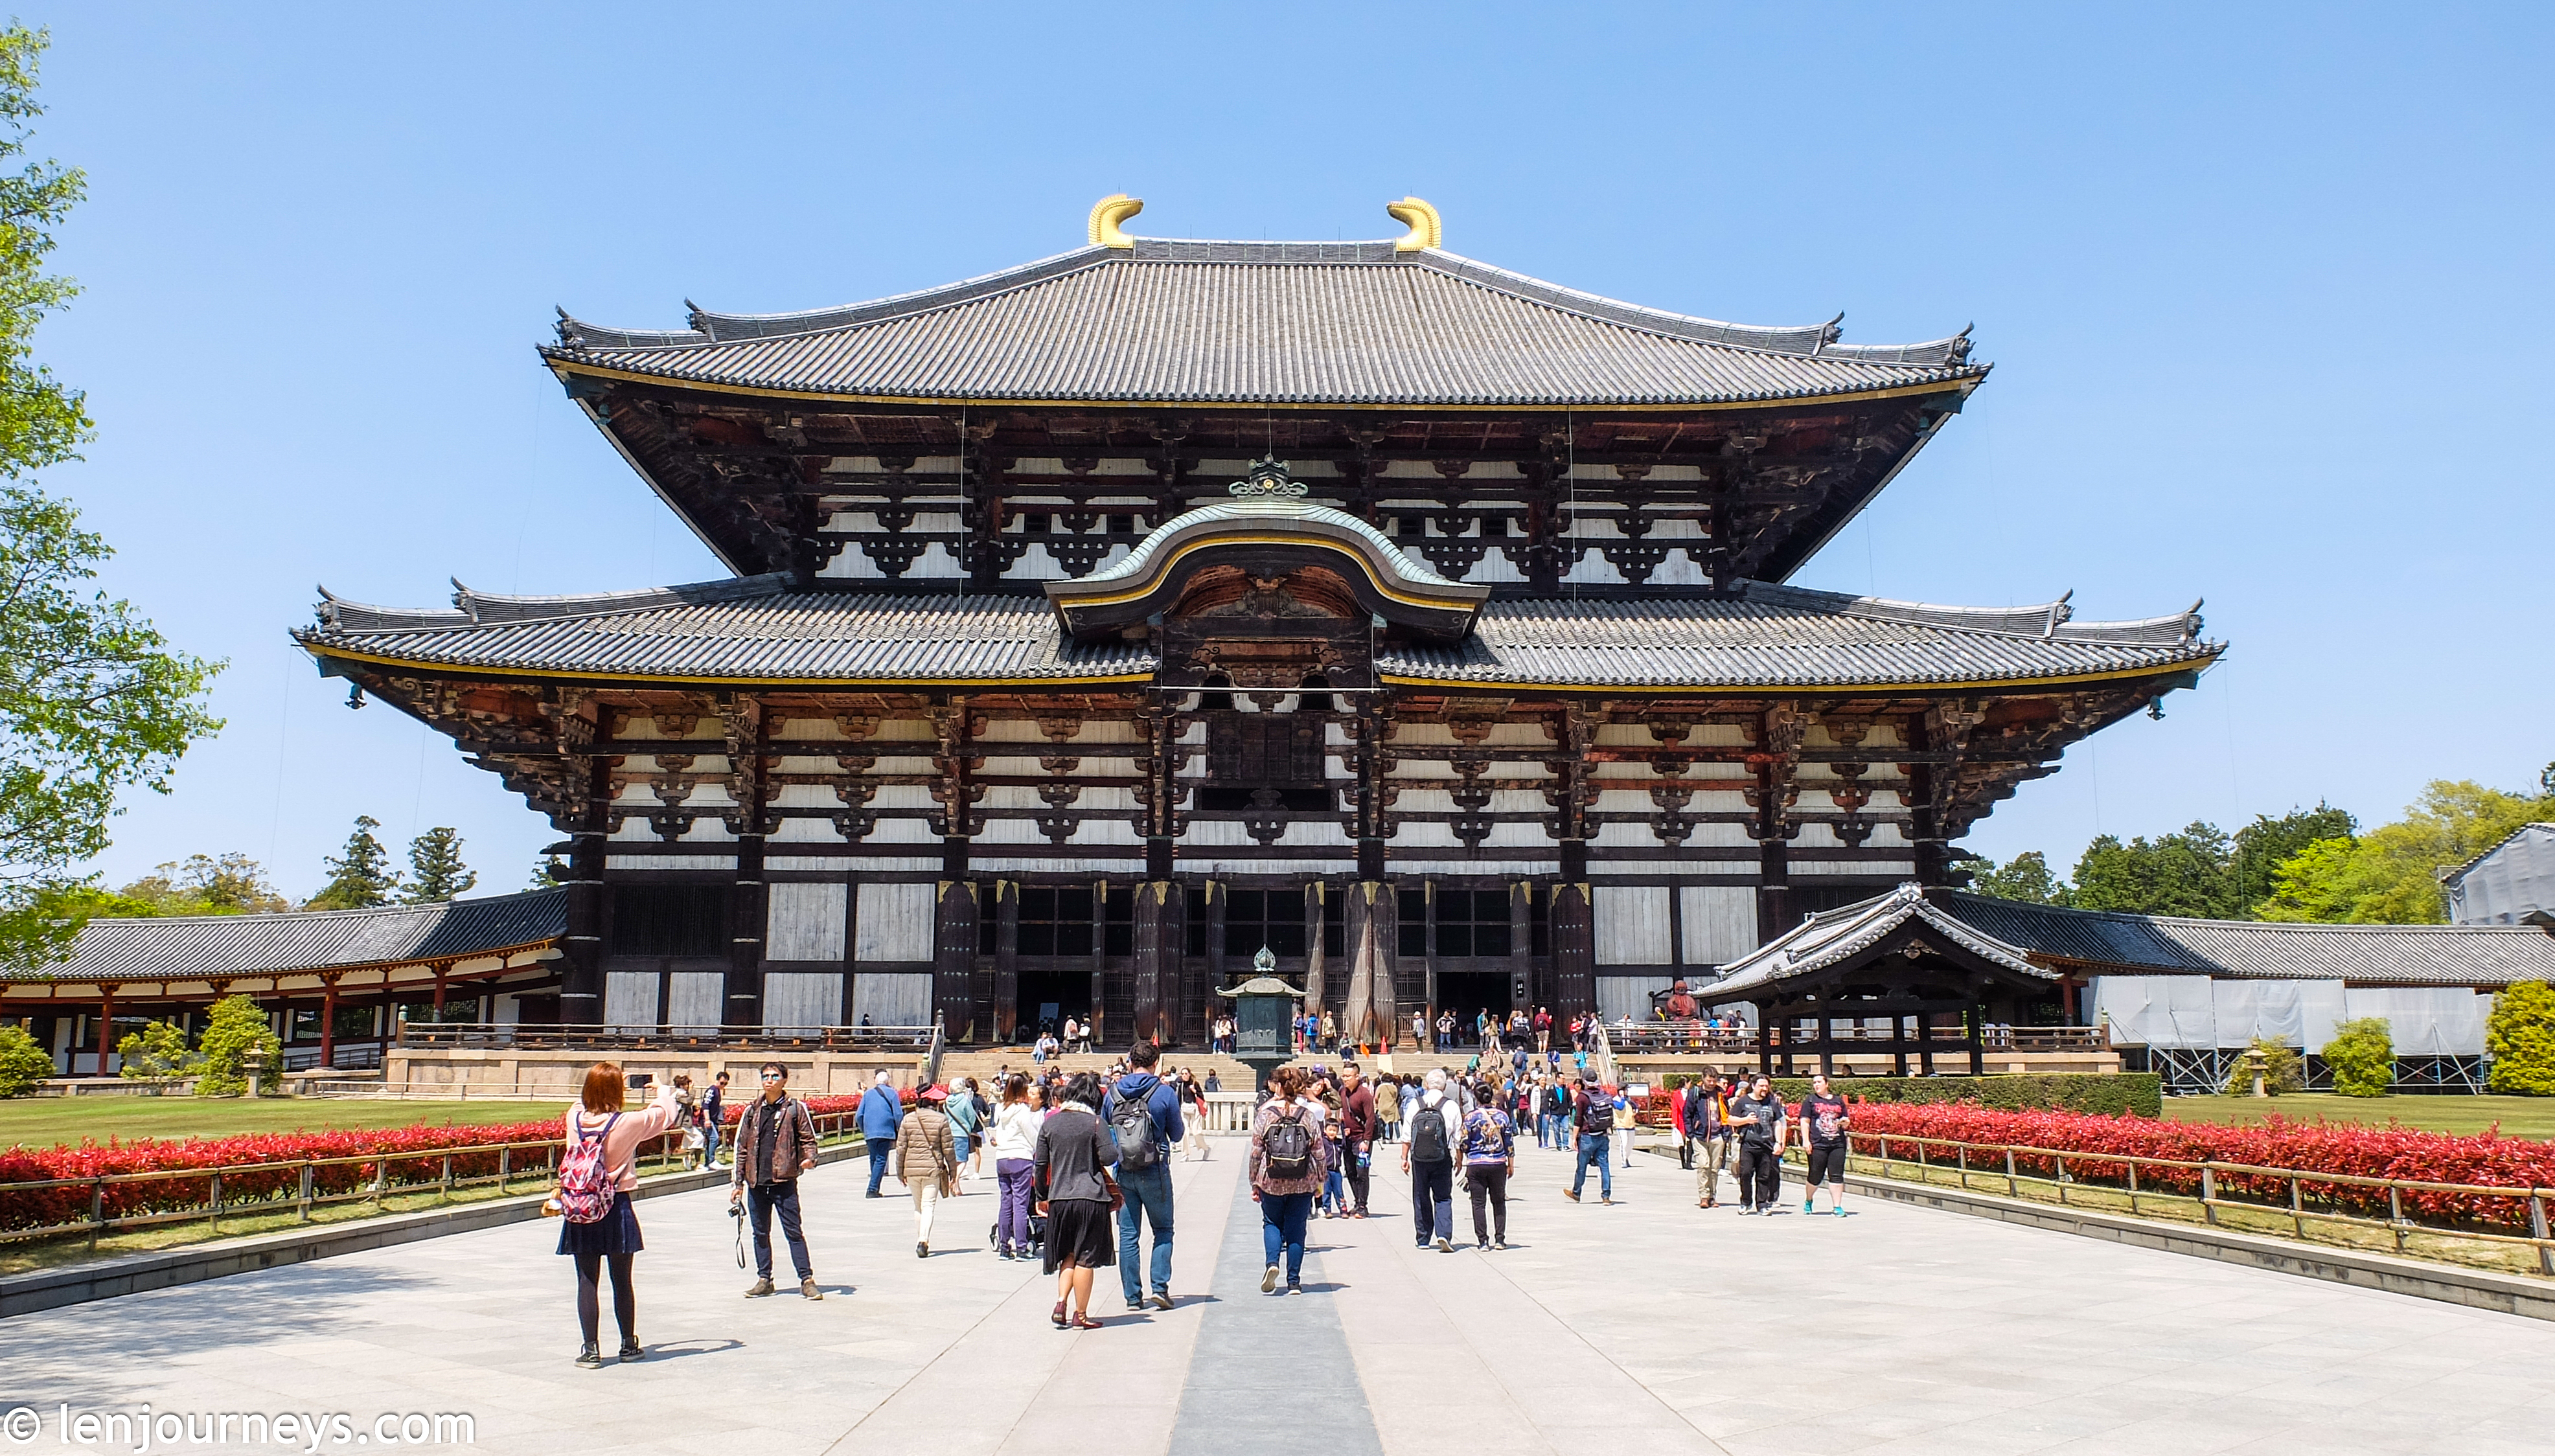 The iconic Tōdai-ji Temple in Nara